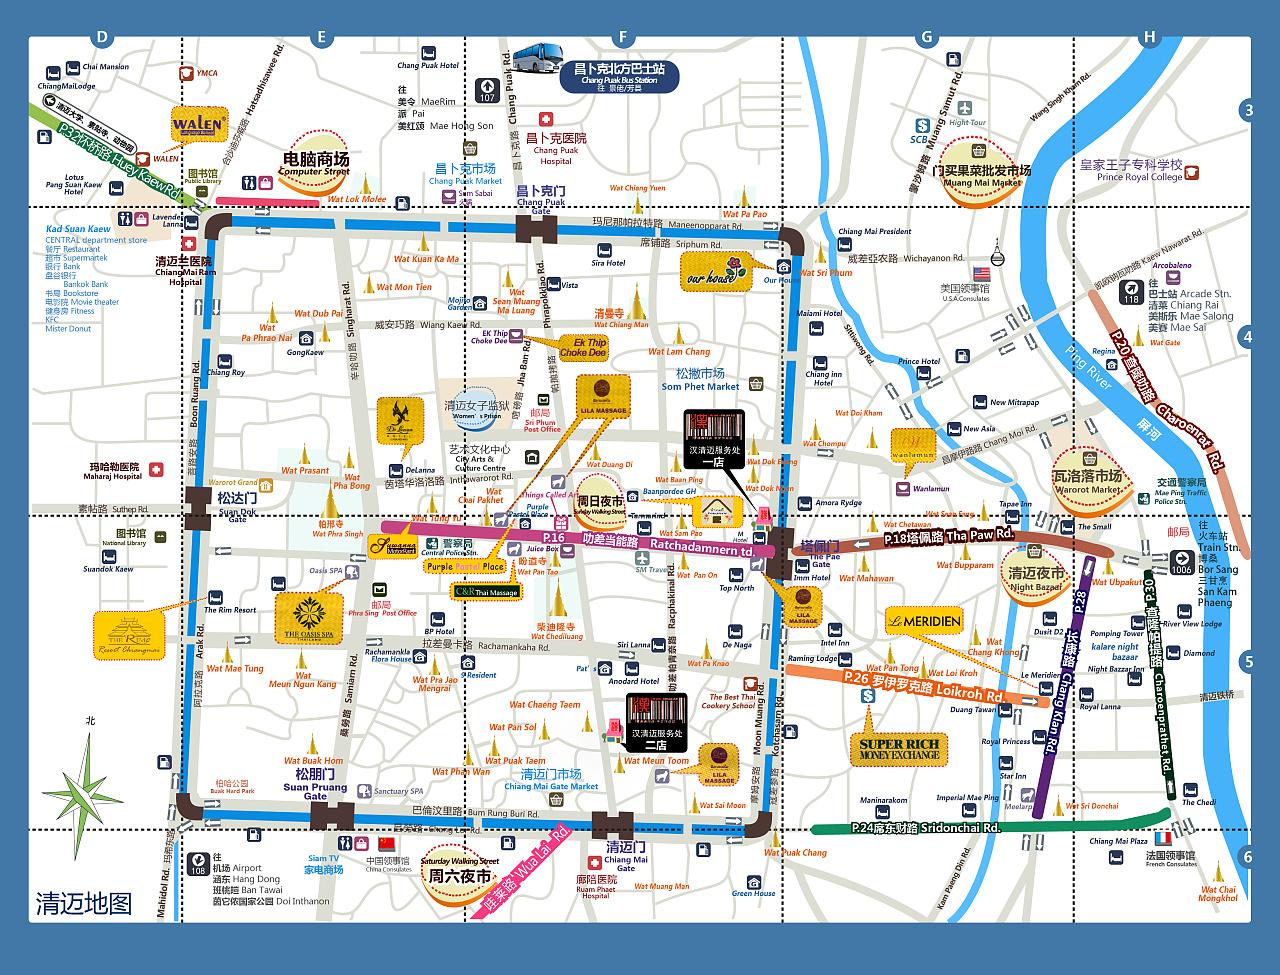 旅游——清迈旅游地图折页